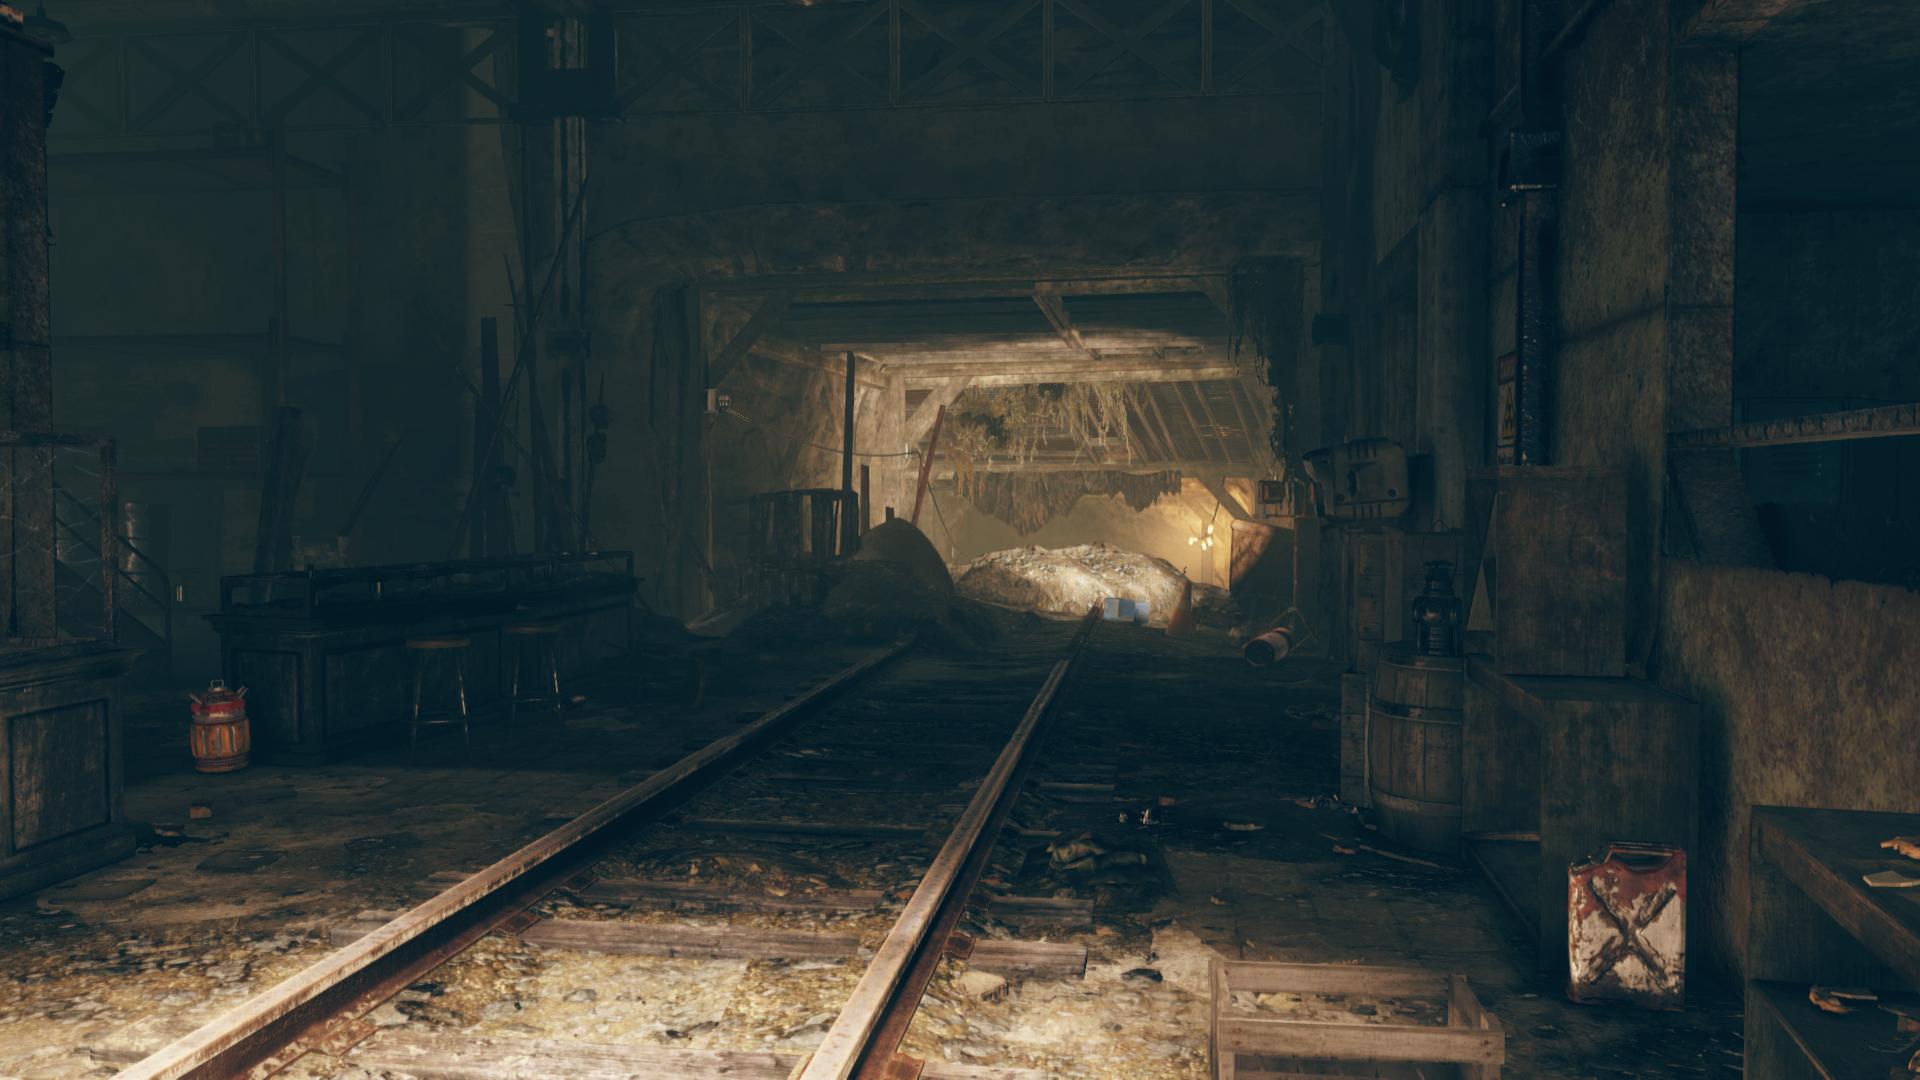 Blackwater mine